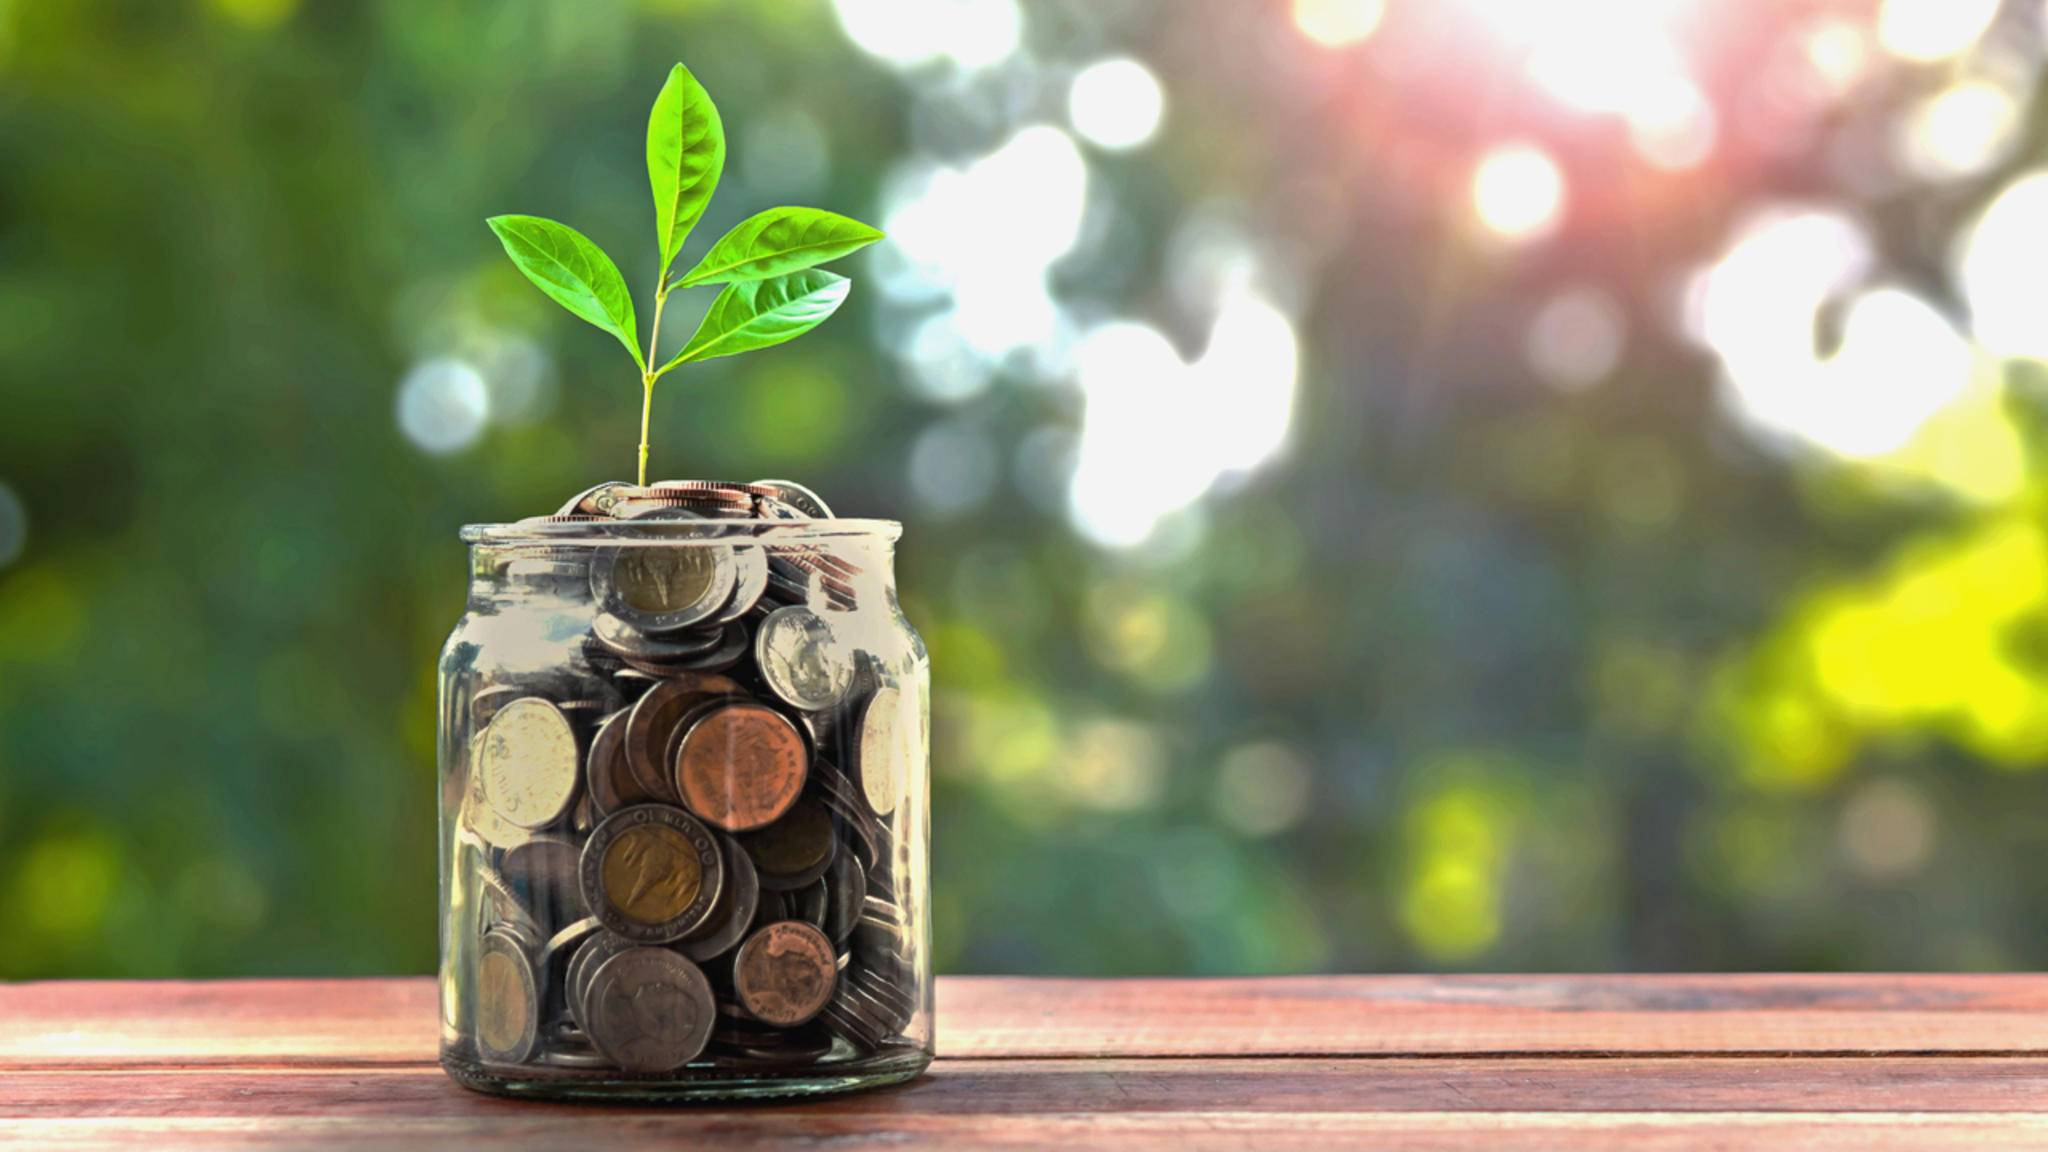 Geld sparen und umweltbewusster leben – mit diesen Tipps kein Problem!